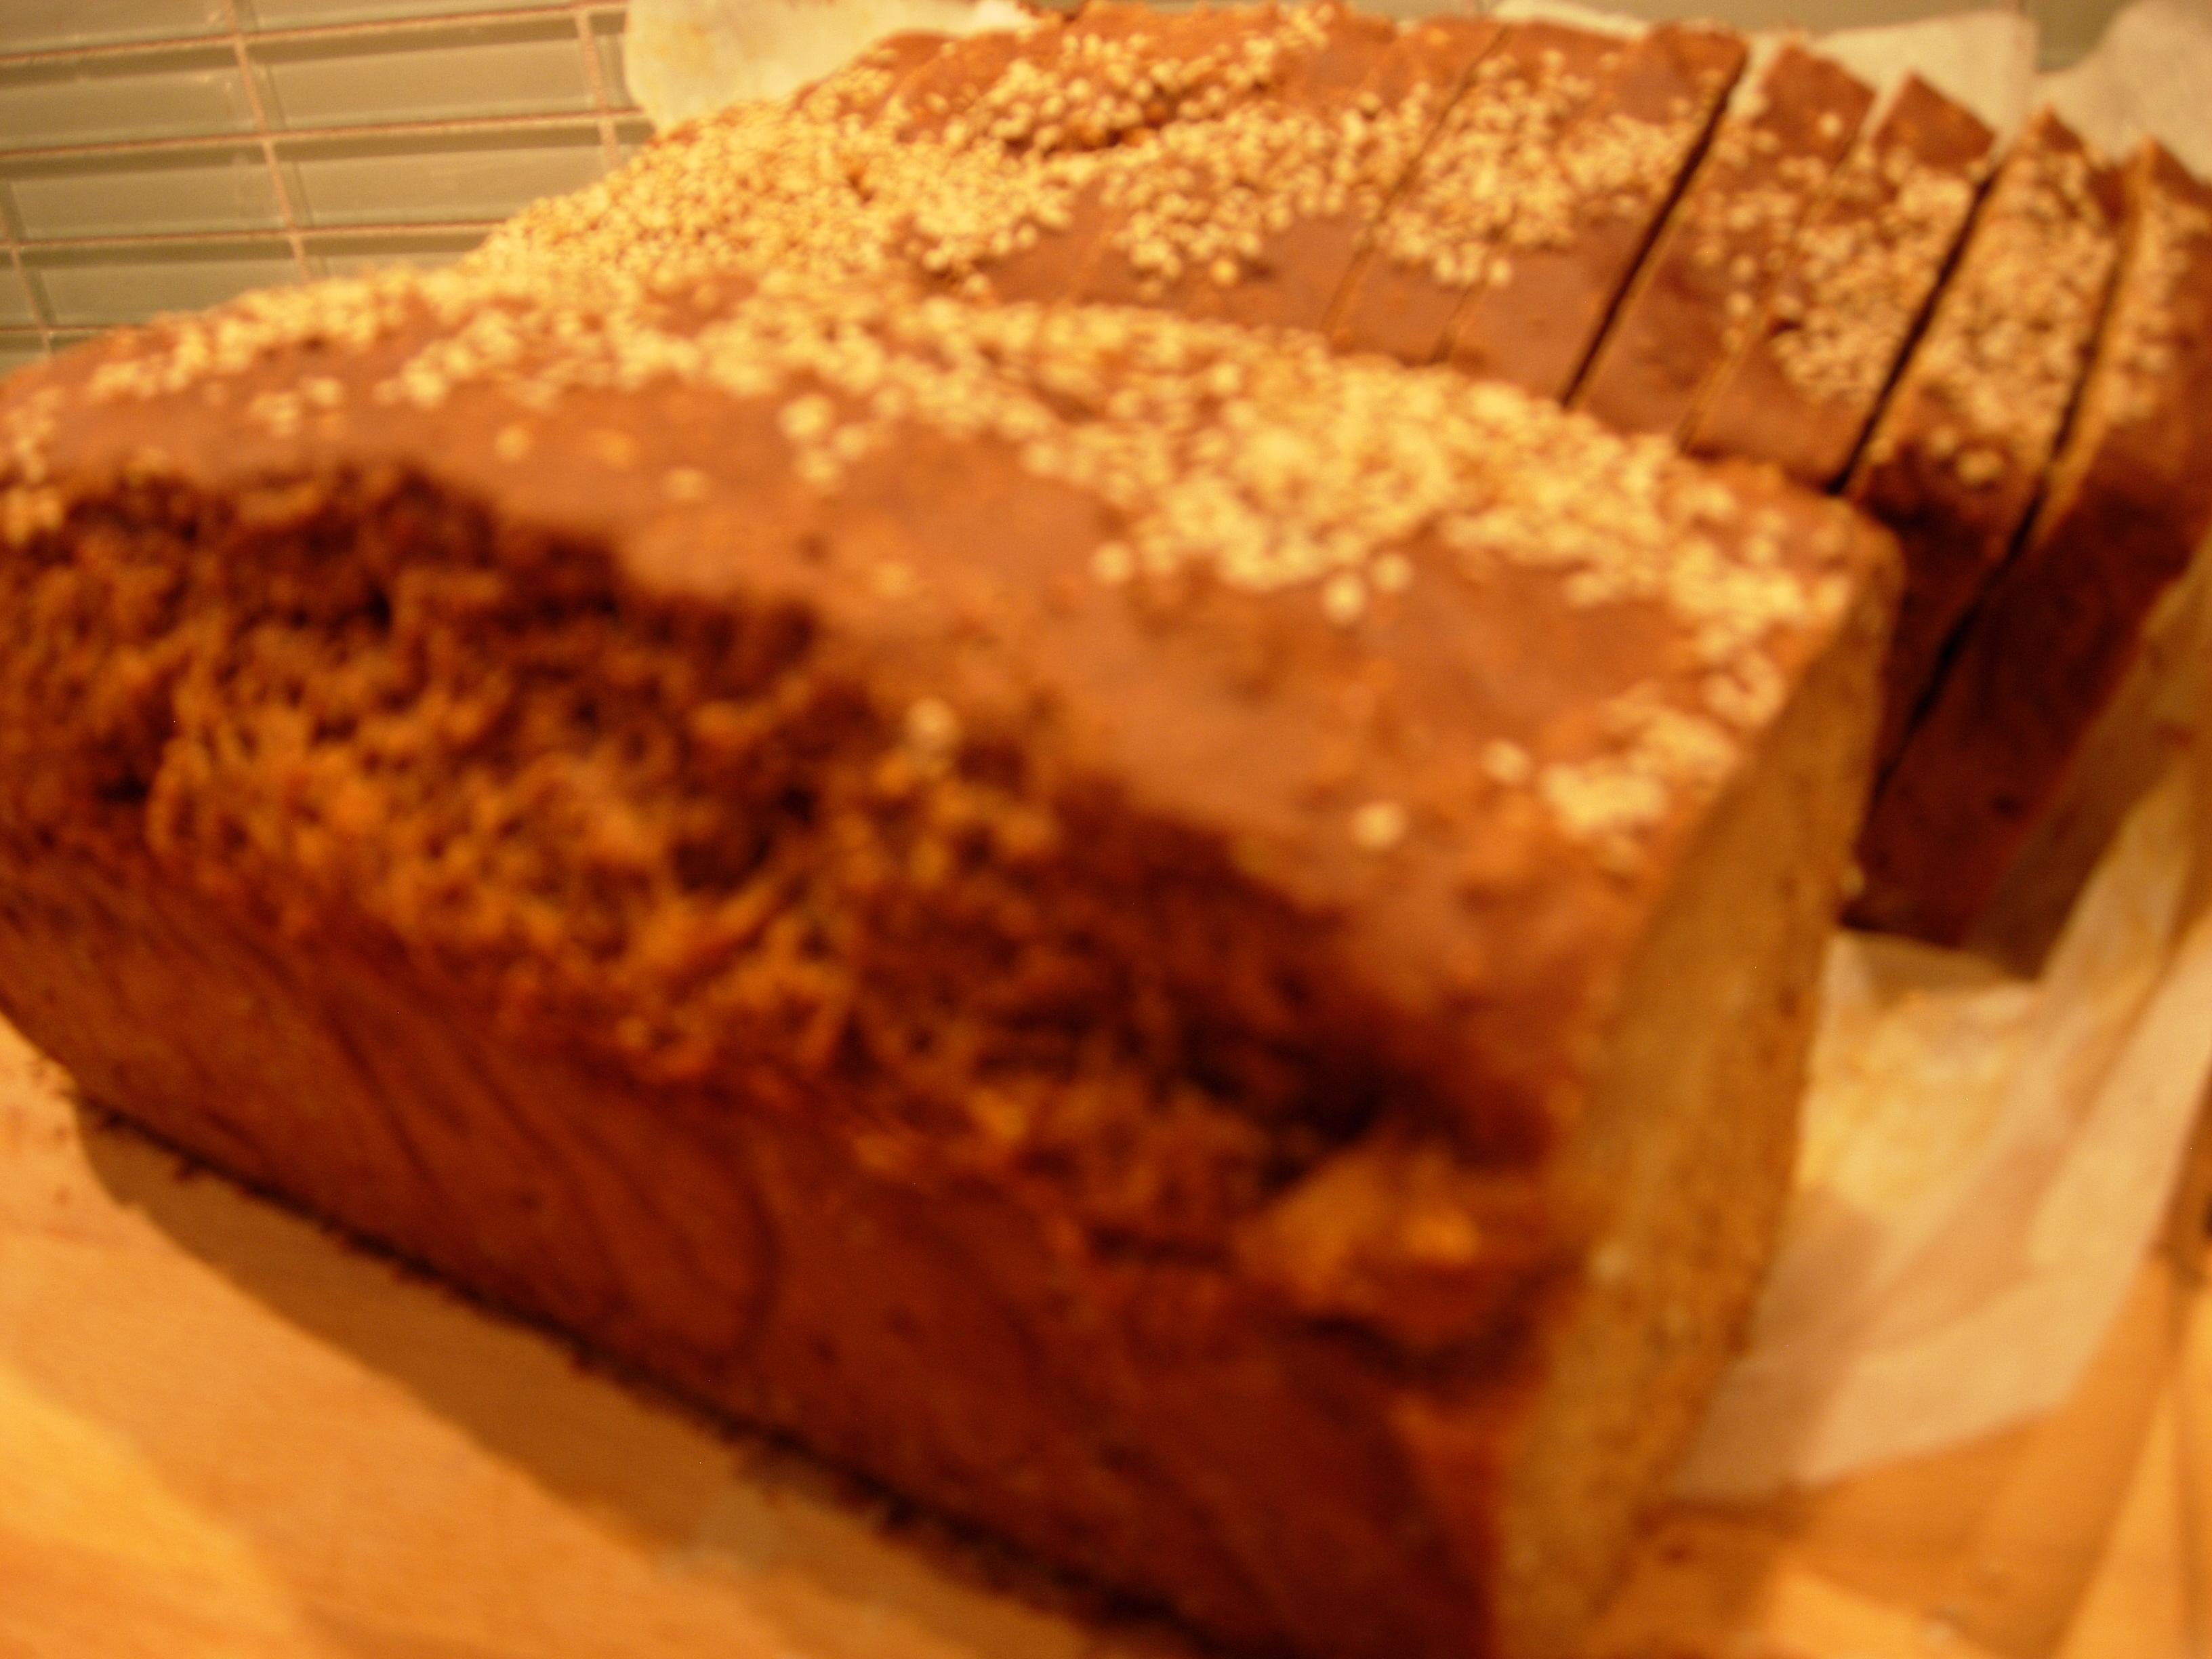 Grovt bröd som ..